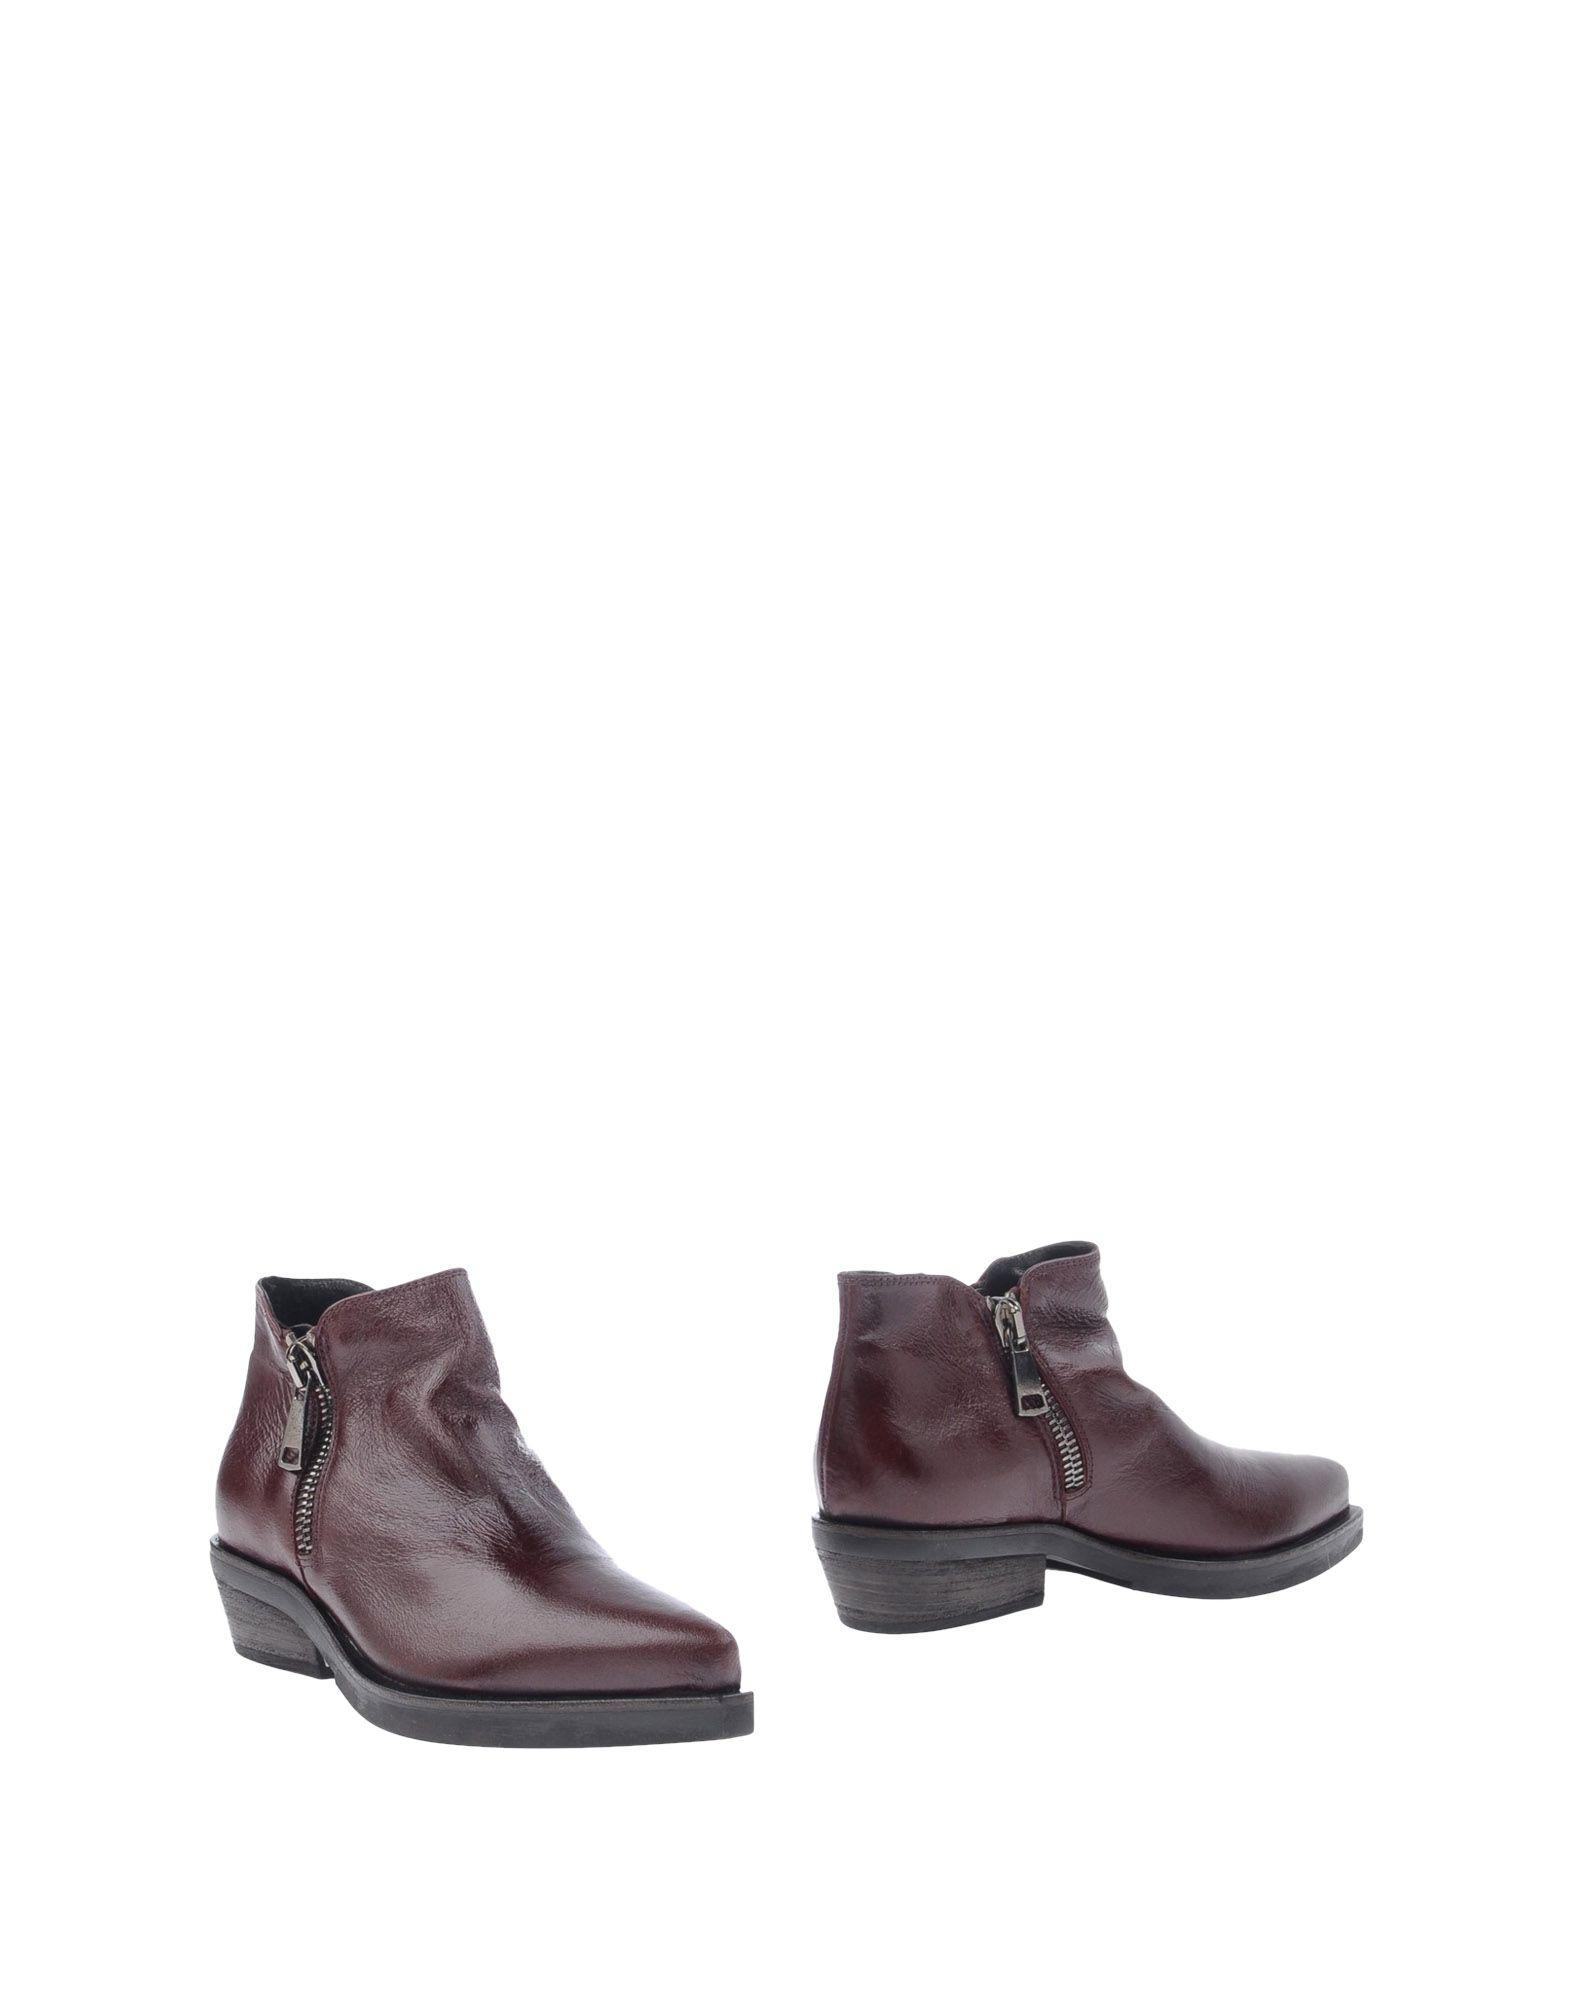 Strategia Stiefelette Damen  11308628OQ Gute Qualität beliebte Schuhe